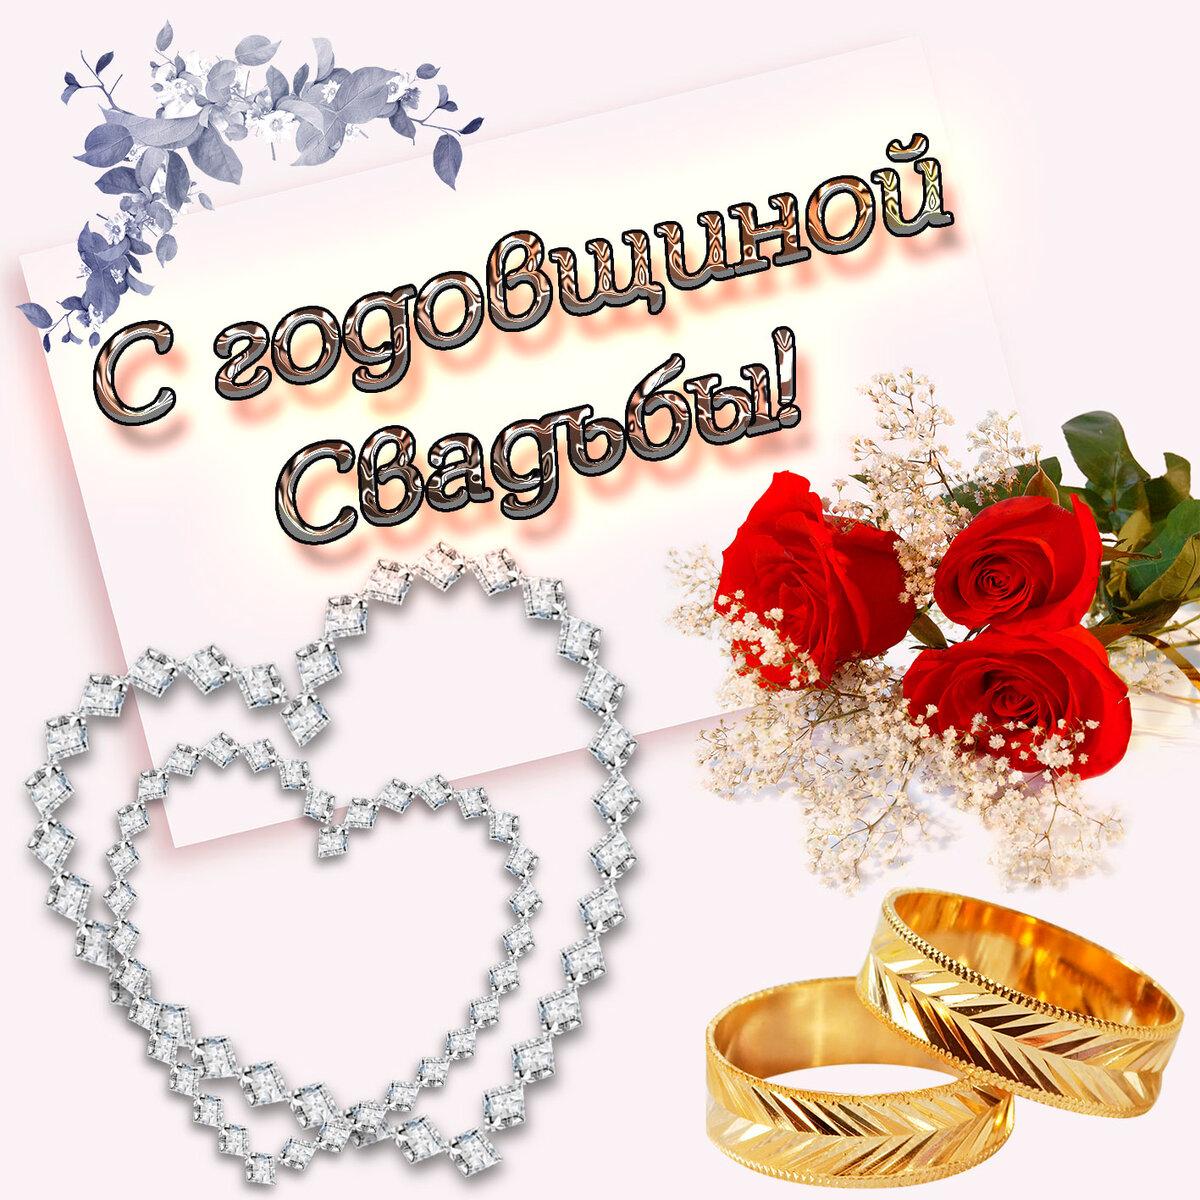 С днем 21 свадьбы поздравления смс короткие